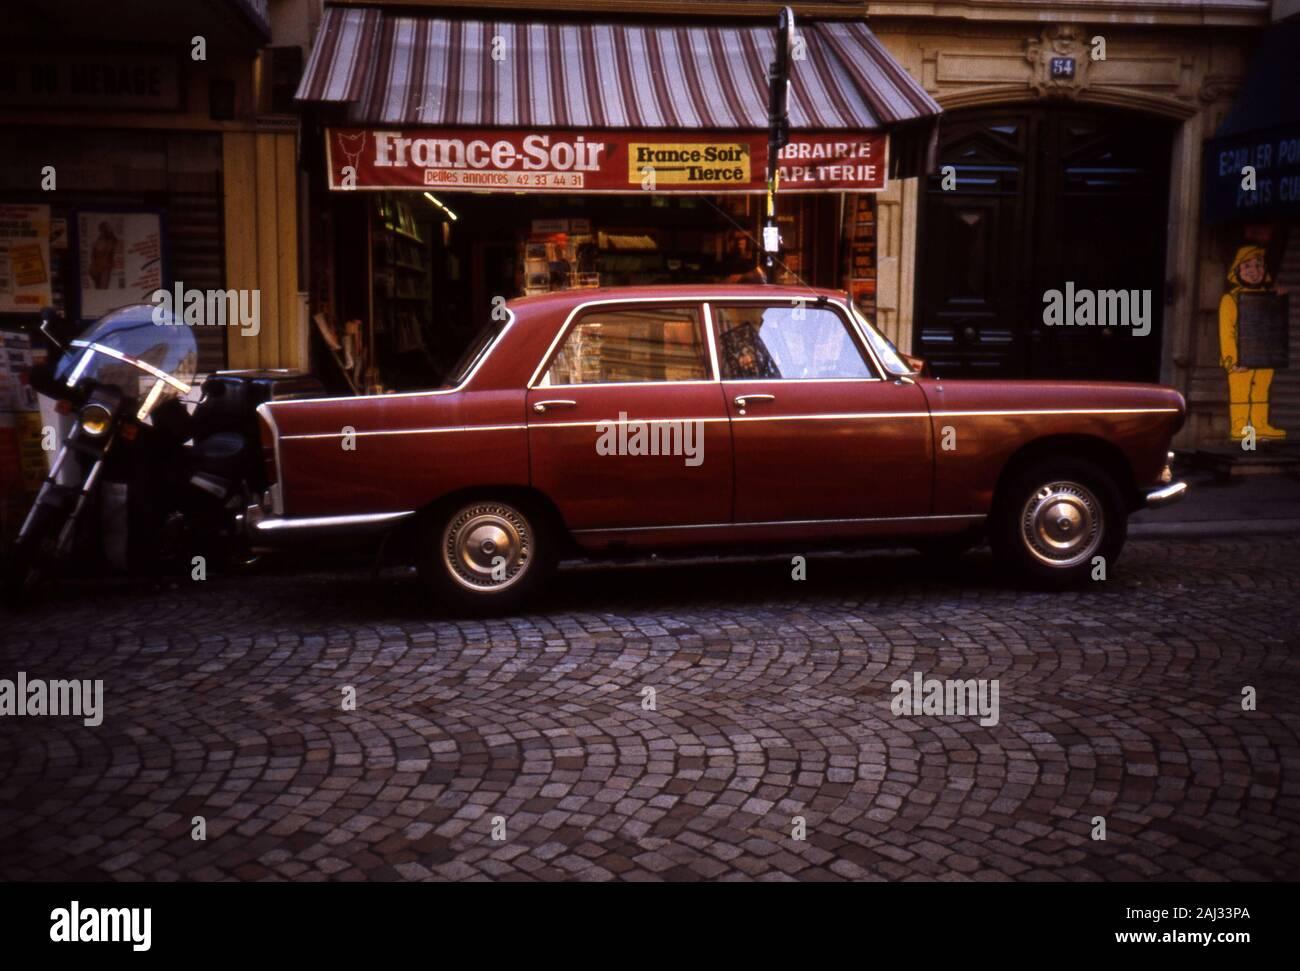 https www alamyimages fr la photographie de rue paris une peugeot 404 berline garee avant d une nouvelle boutique de papier dans la rue montmartre paris paris voiture voiture classique dans la rue film diapo couleur frederic beaumont image338129634 html